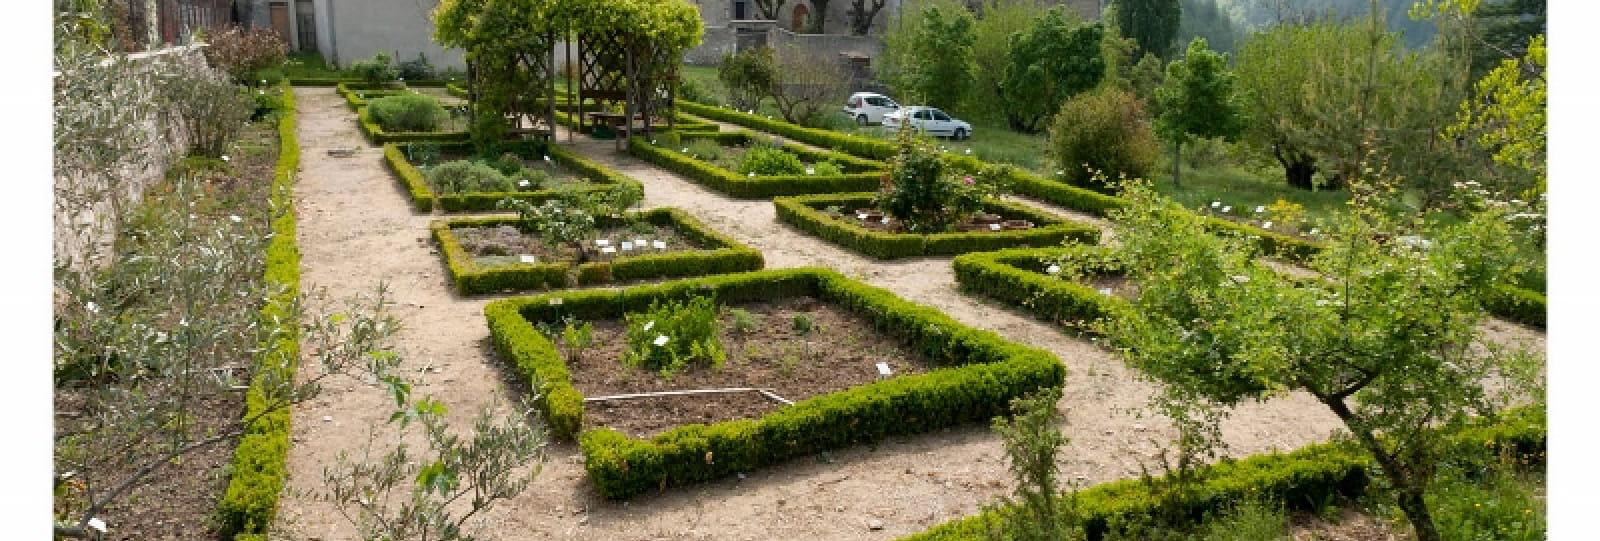 Jardin botanique de l'Ancien Monastère